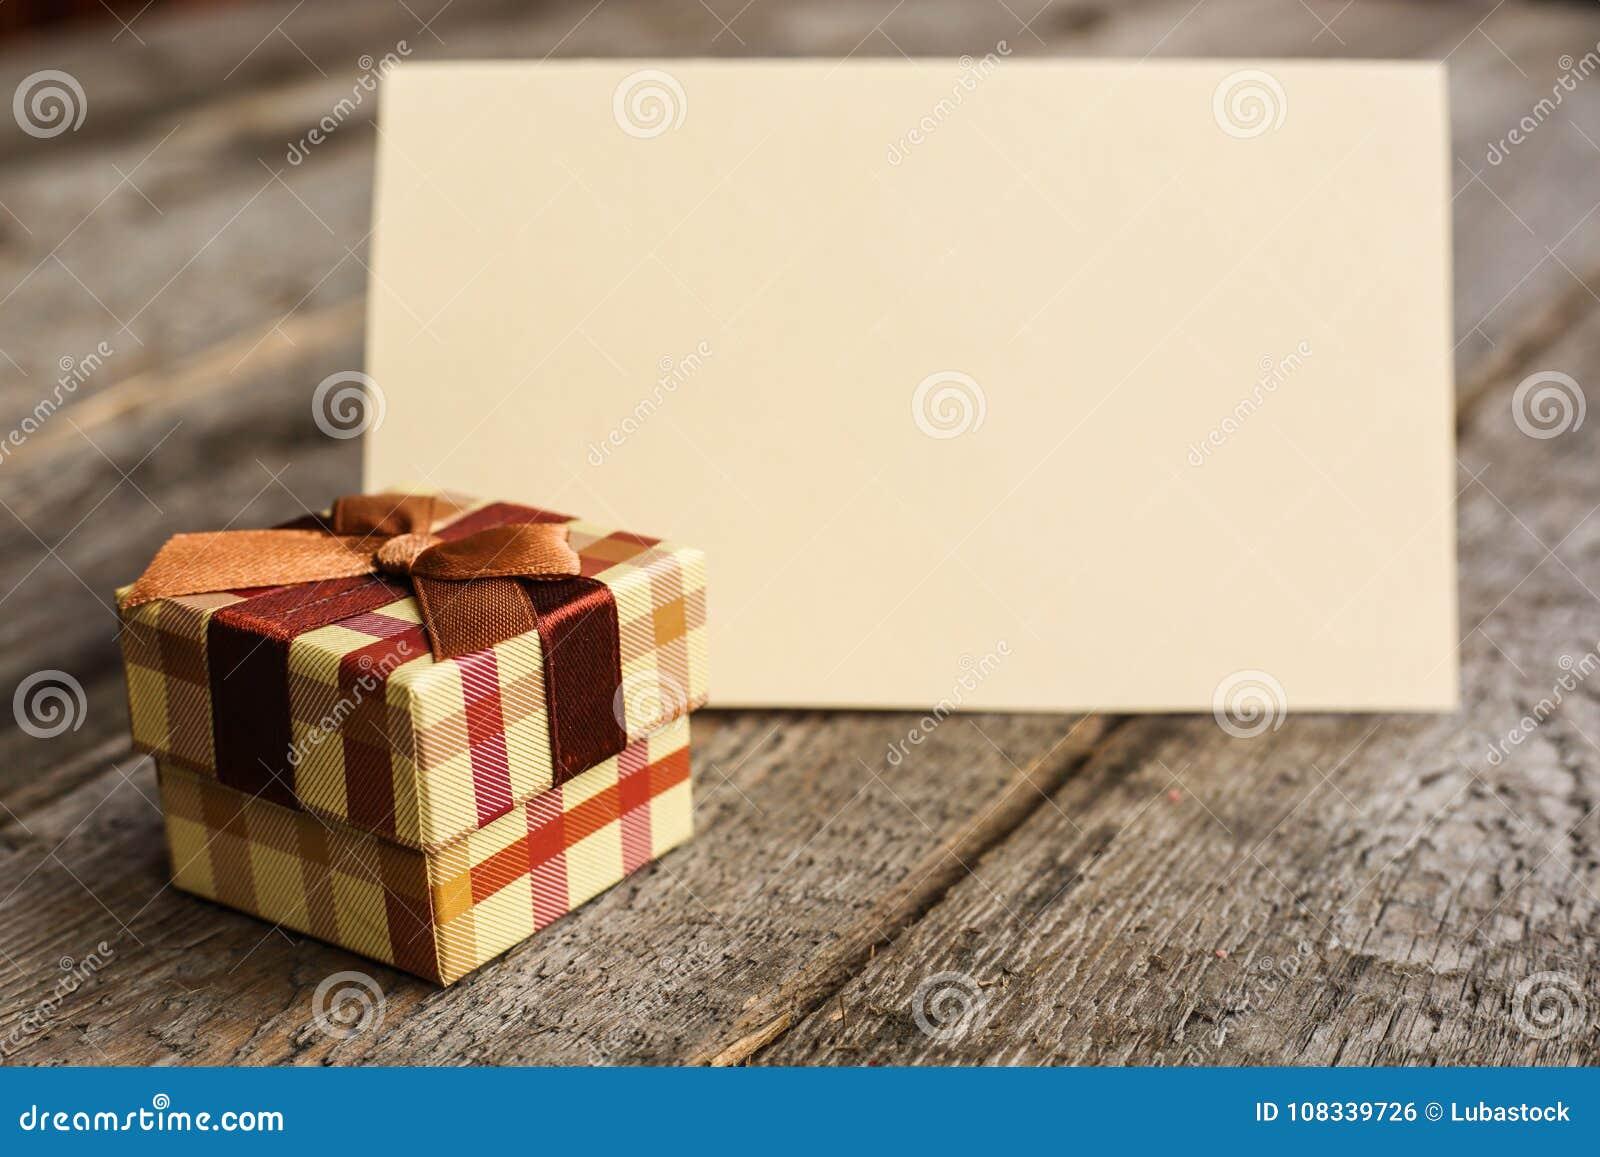 Праздничный подарок и карточка